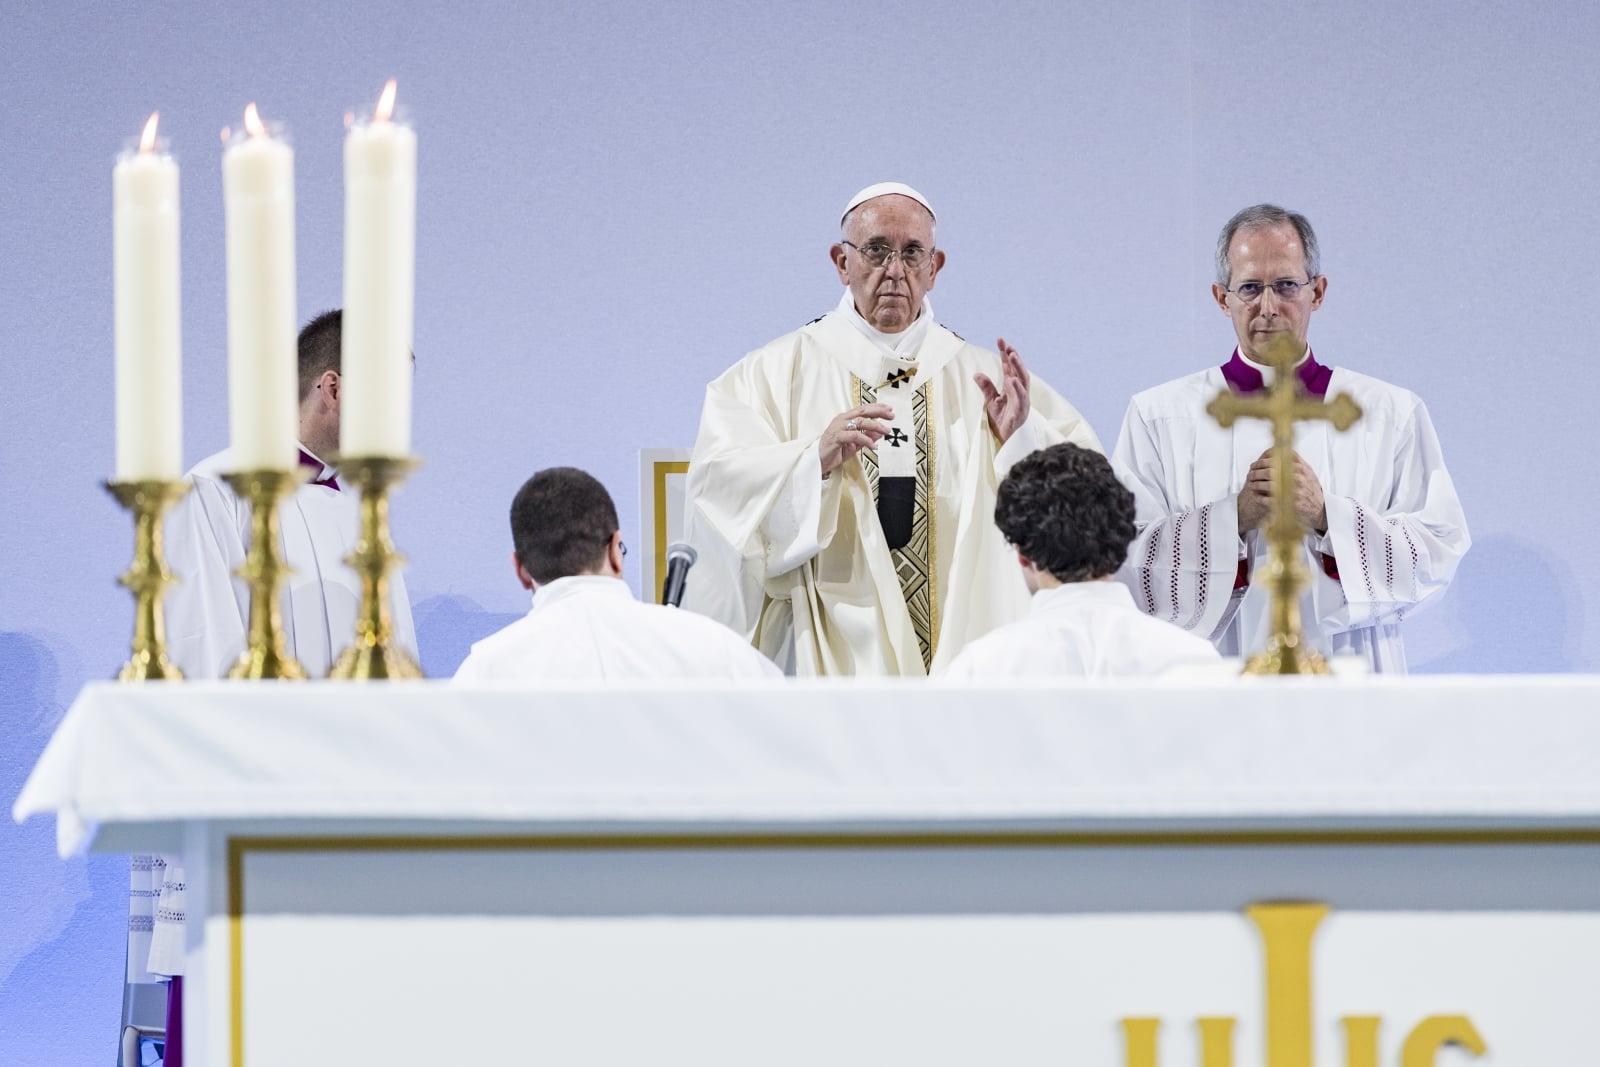 Papież Franciszek na Światowej Radzie Kościołów fot. EPA/CIRO FUSCO  Dostawca: PAP/EPA.